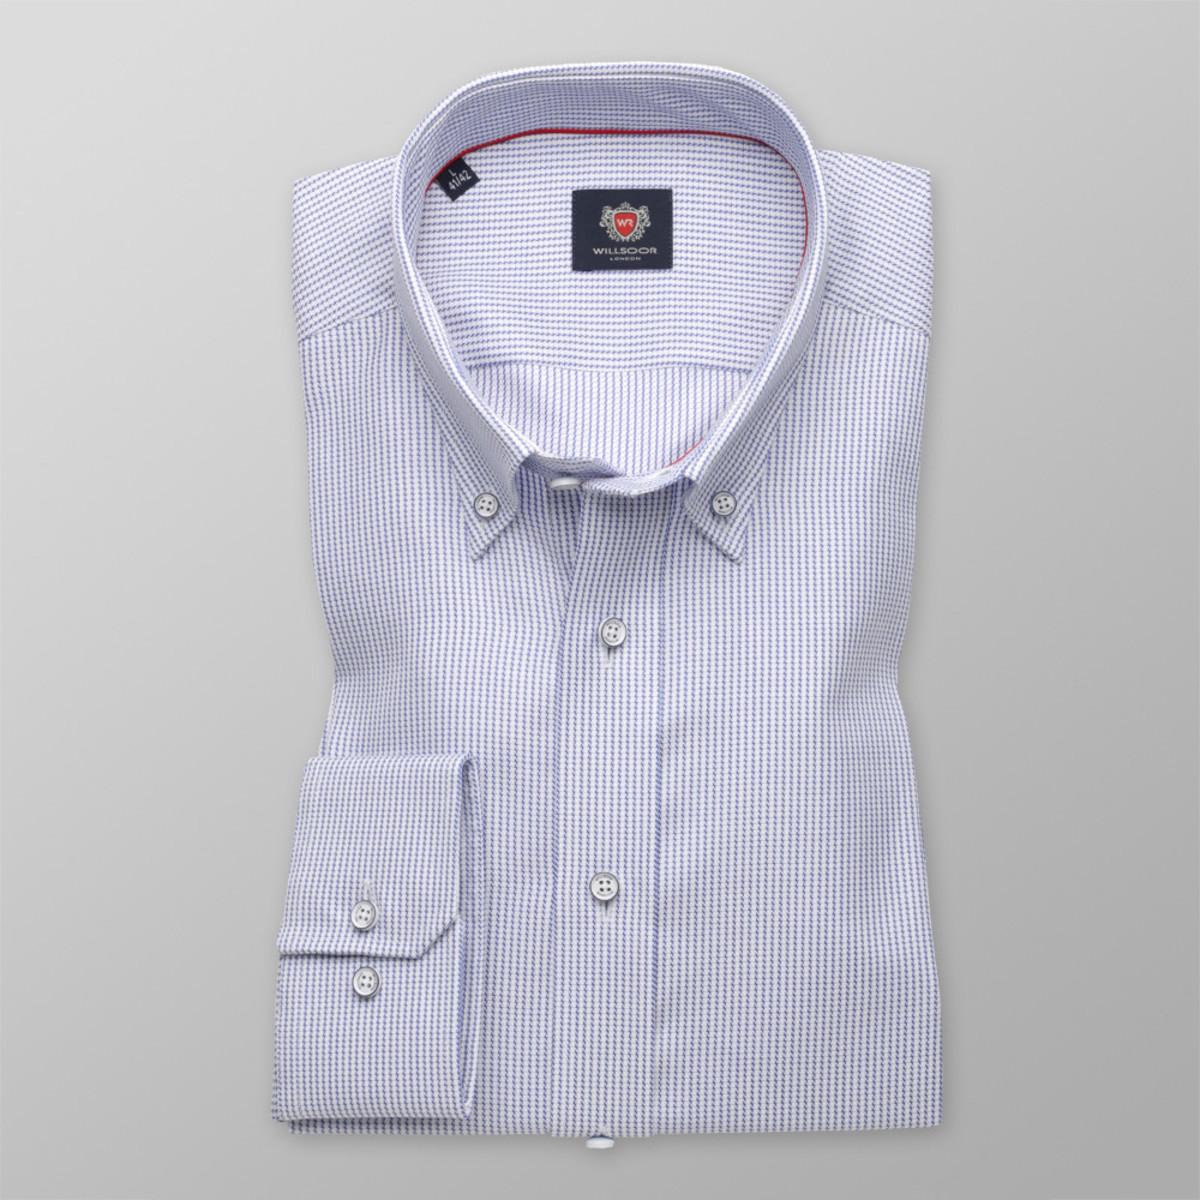 Košile London (výška 176-182) 9239 176-182 / L (41/42)